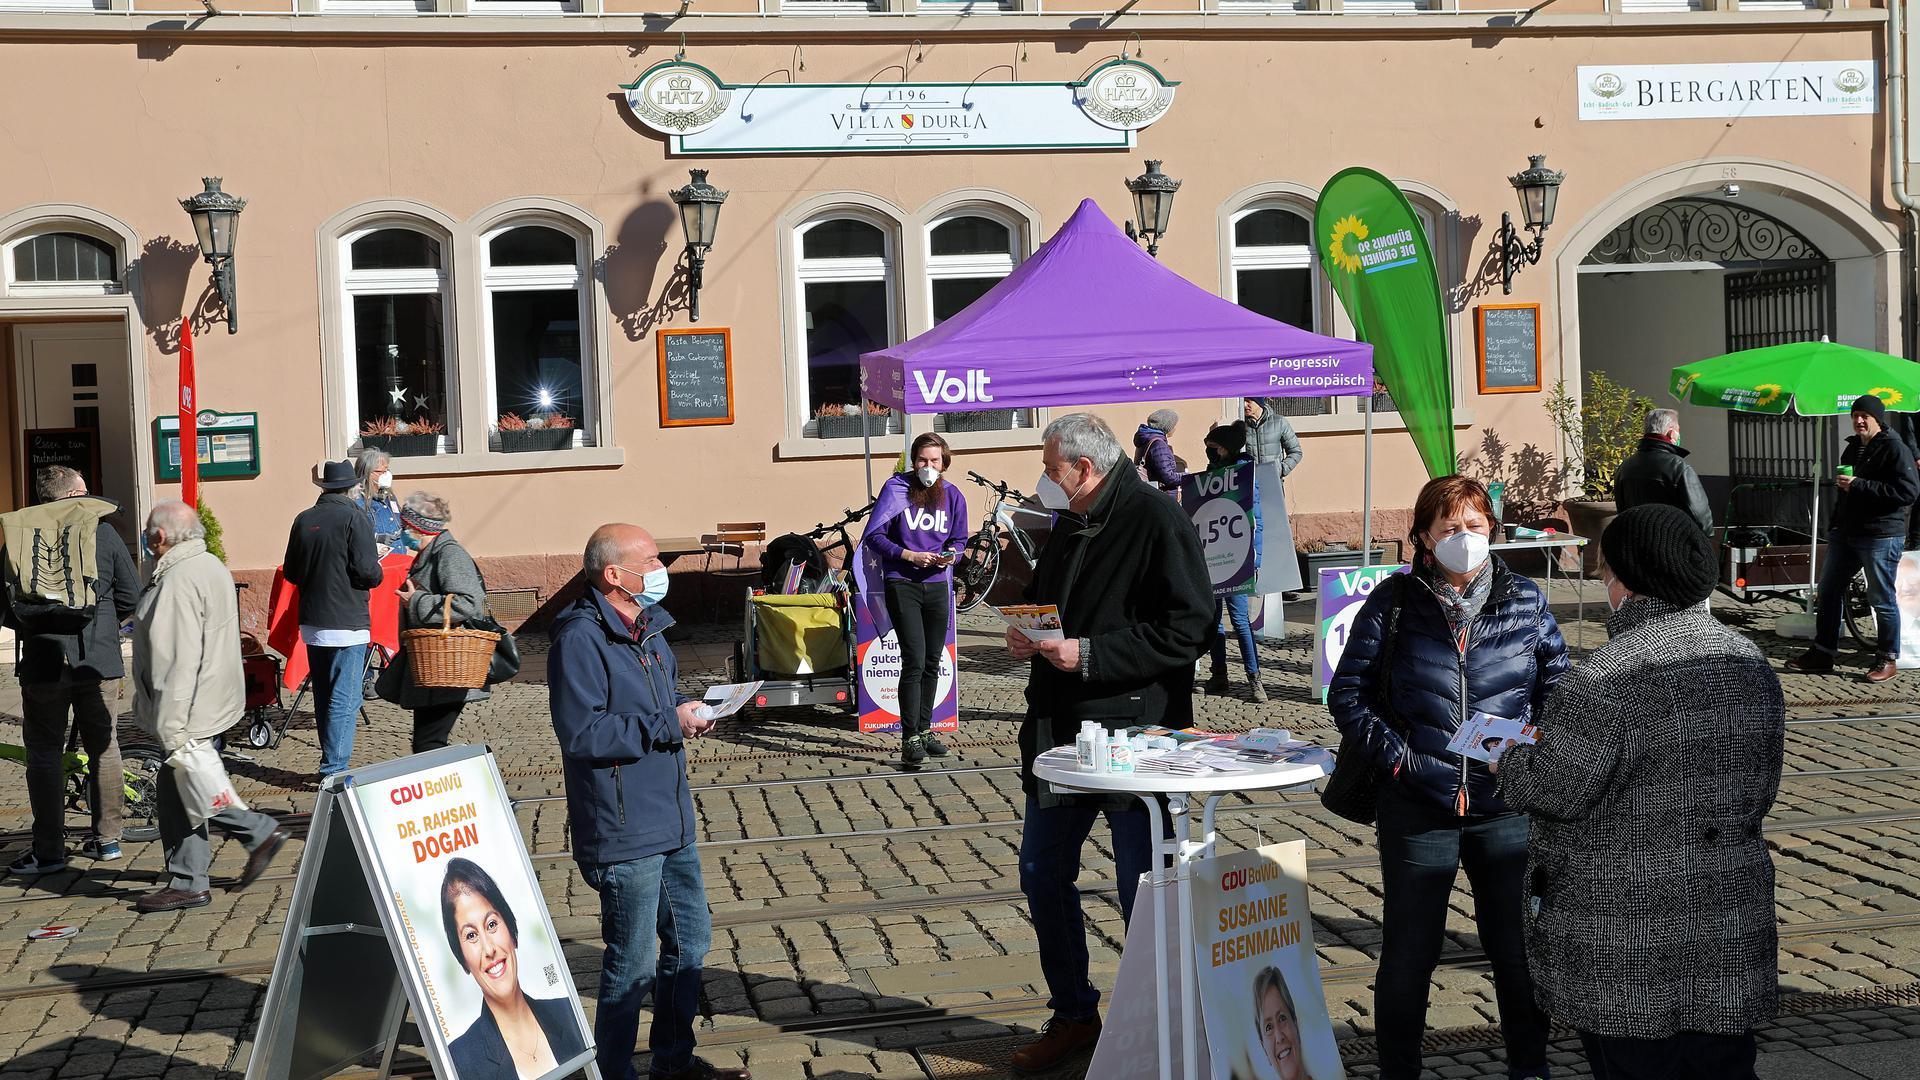 © Jodo-Foto /  Joerg  Donecker// 6.03.2021 Wahlkampf zur Landtagswahl 2021, Foto: Durlach beim Marktplatz,                                                               -Copyright - Jodo-Foto /  Joerg  Donecker Sonnenbergstr.4  D-76228 KARLSRUHE TEL:  0049 (0) 721-9473285 FAX:  0049 (0) 721 4903368  Mobil: 0049 (0) 172 7238737 E-Mail:  joerg.donecker@t-online.de Sparkasse Karlsruhe  IBAN: DE12 6605 0101 0010 0395 50, BIC: KARSDE66XX Steuernummer 34140/28360 Veroeffentlichung nur gegen Honorar nach MFM zzgl. ges. Mwst.  , Belegexemplar und Namensnennung. Es gelten meine AGB.